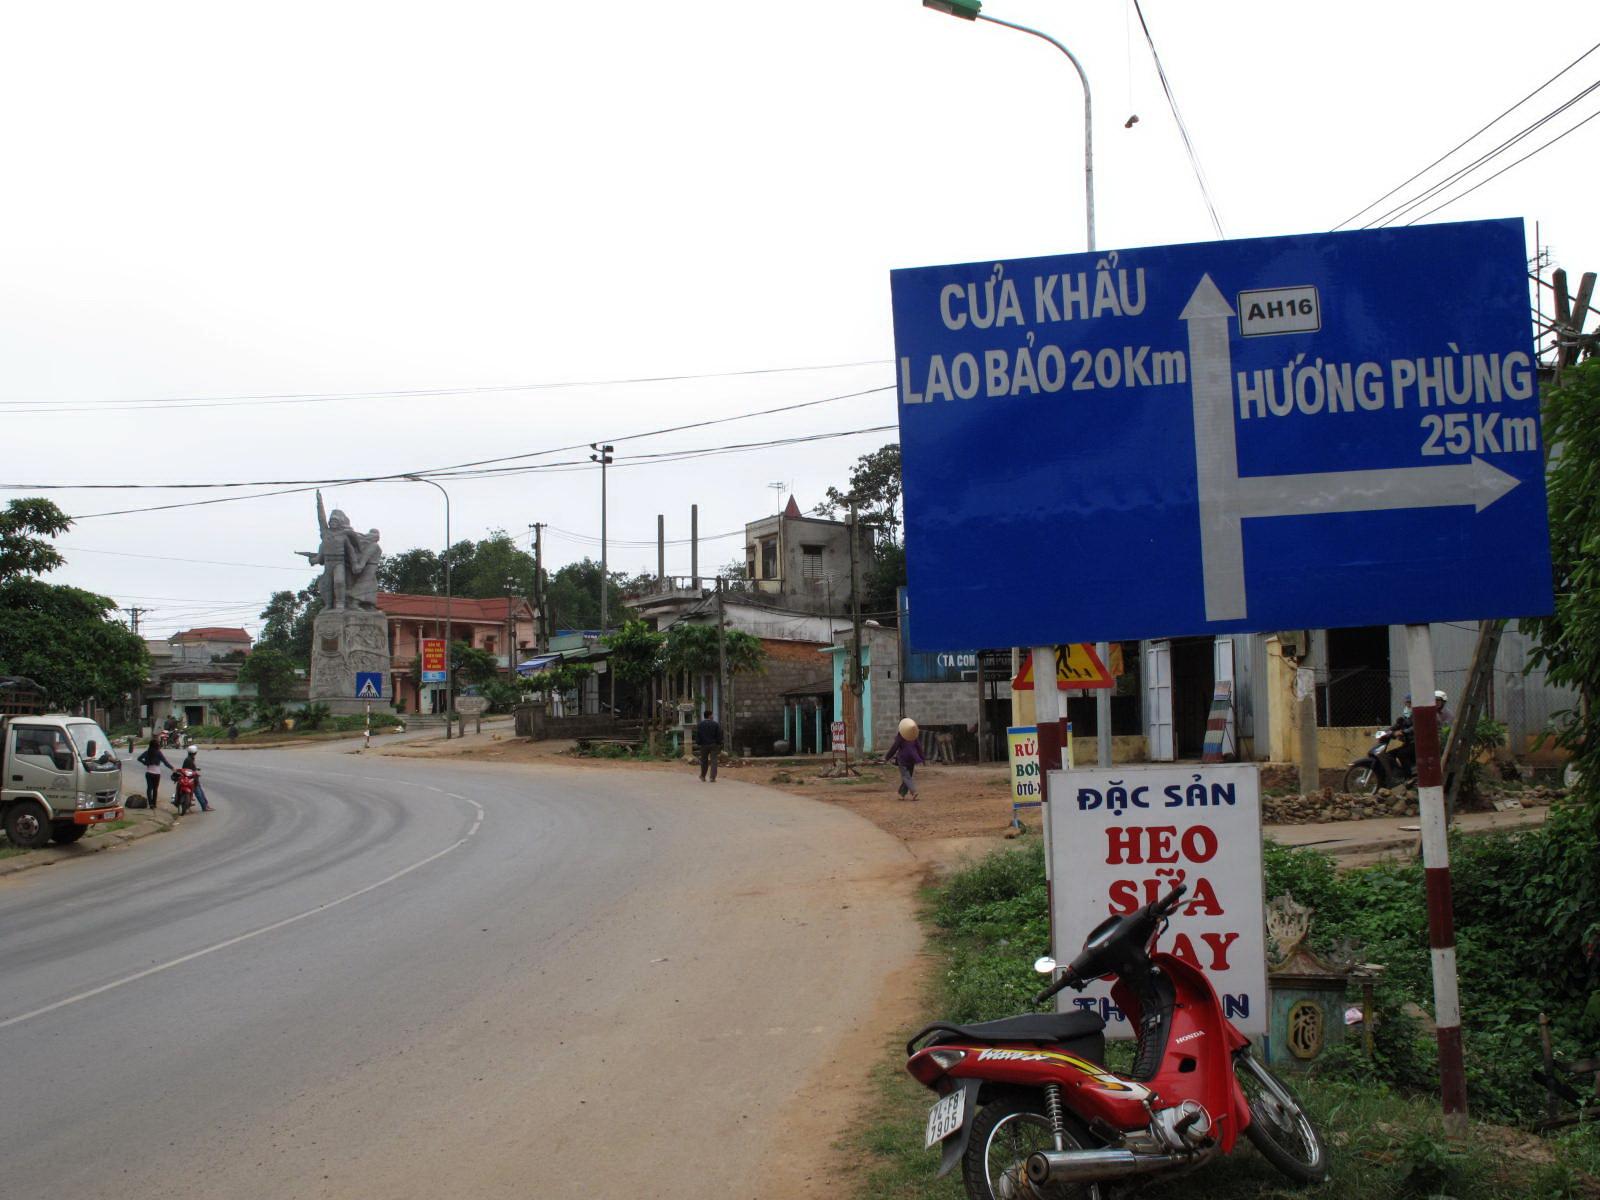 ViettelCargo tổ chức vận chuyển hàng hóa đi Viêng Chăn qua cửa khẩu Lao Bảo